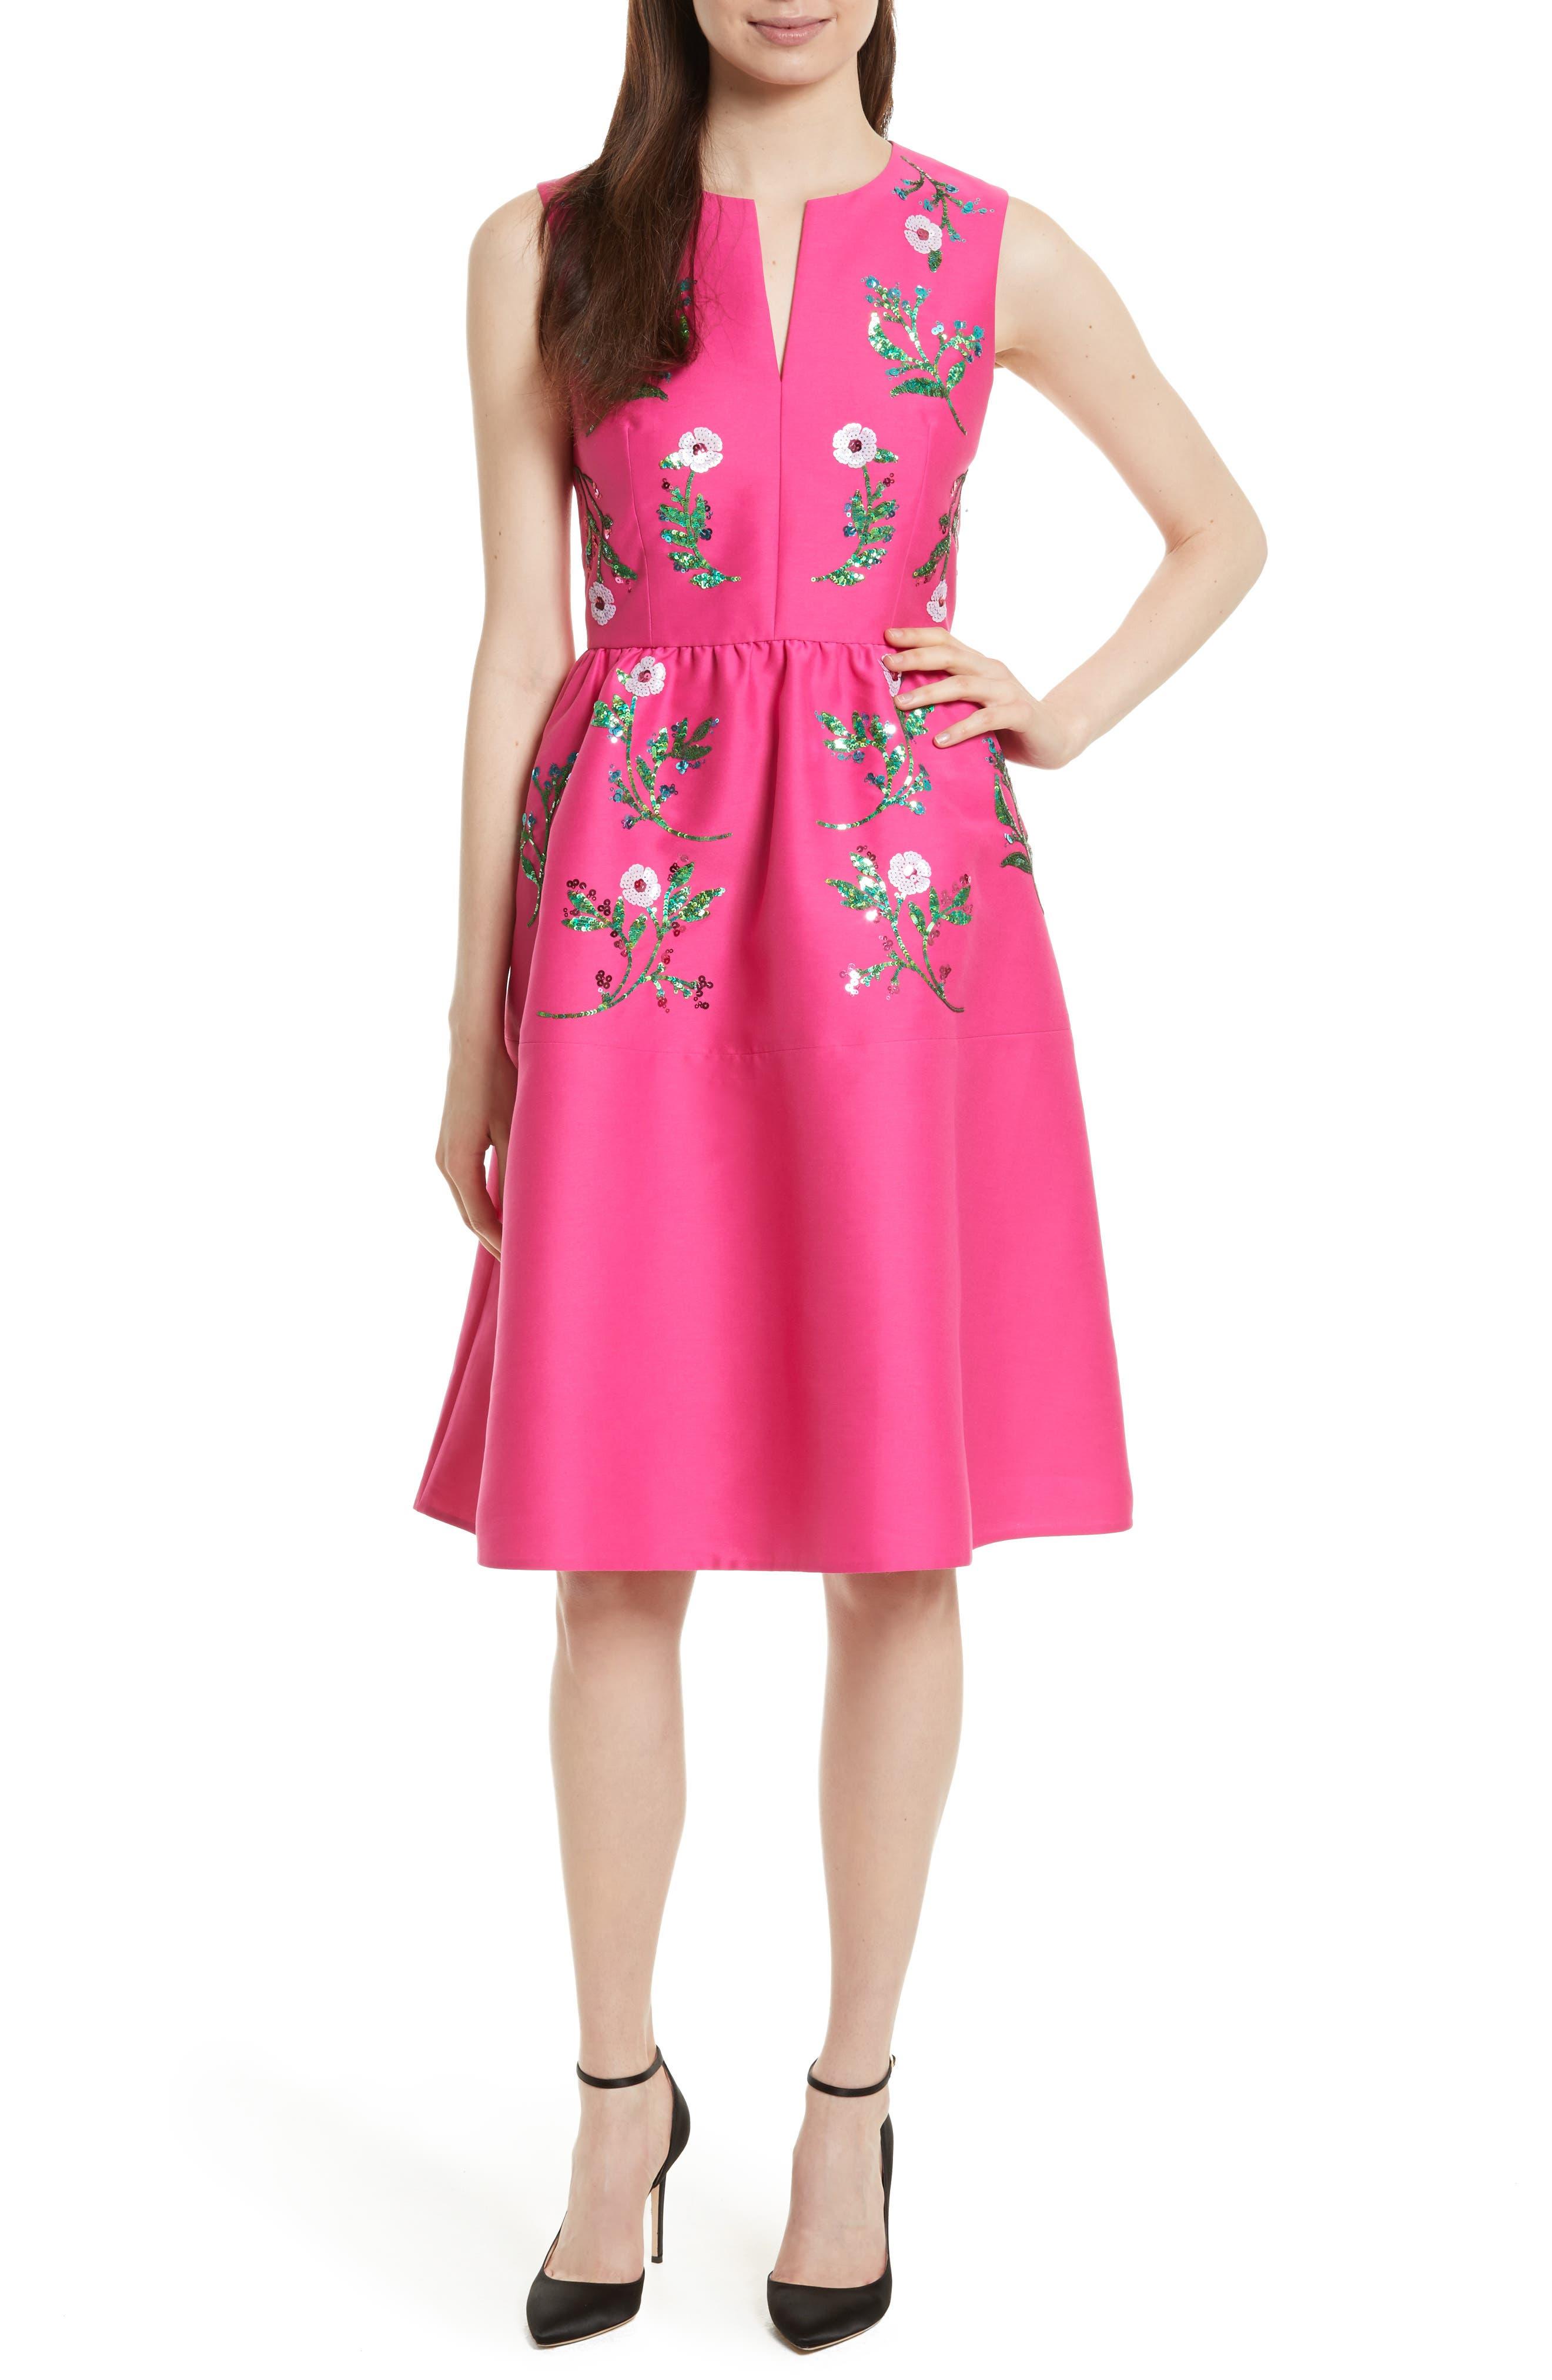 Alternate Image 1 Selected - kate spade new york floral embellished fit & flare dress